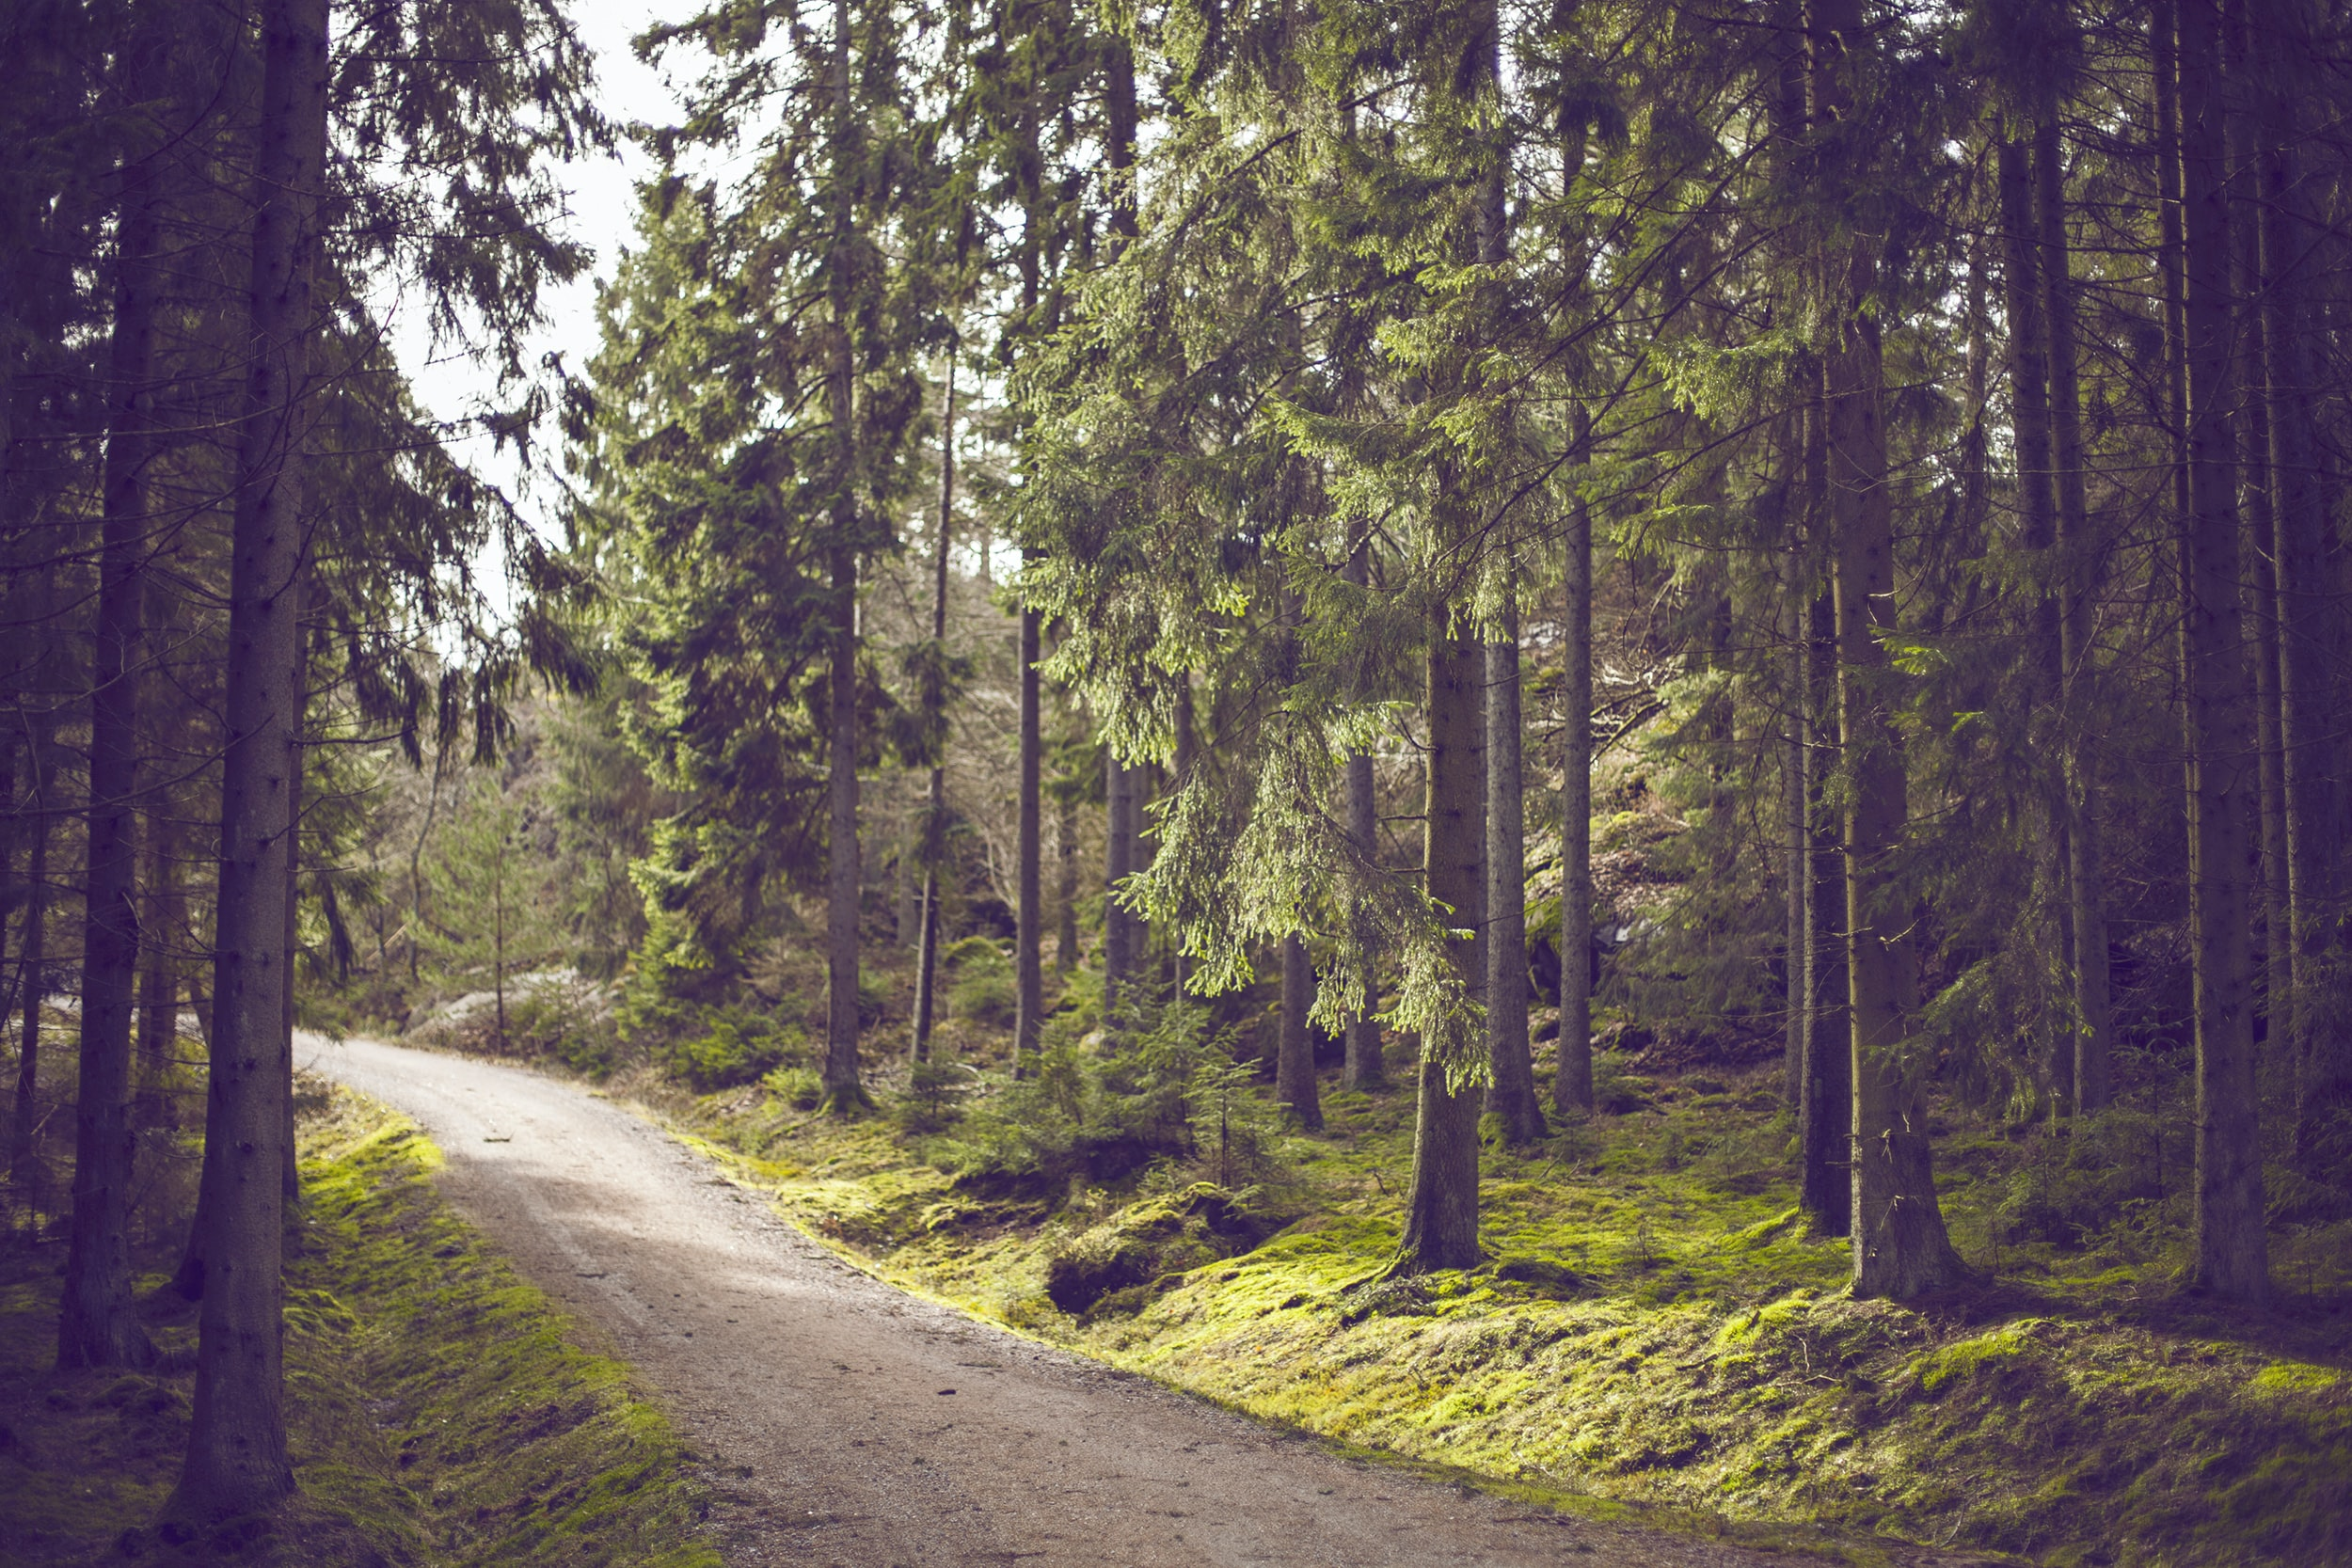 A dir path running down through a conifer forest